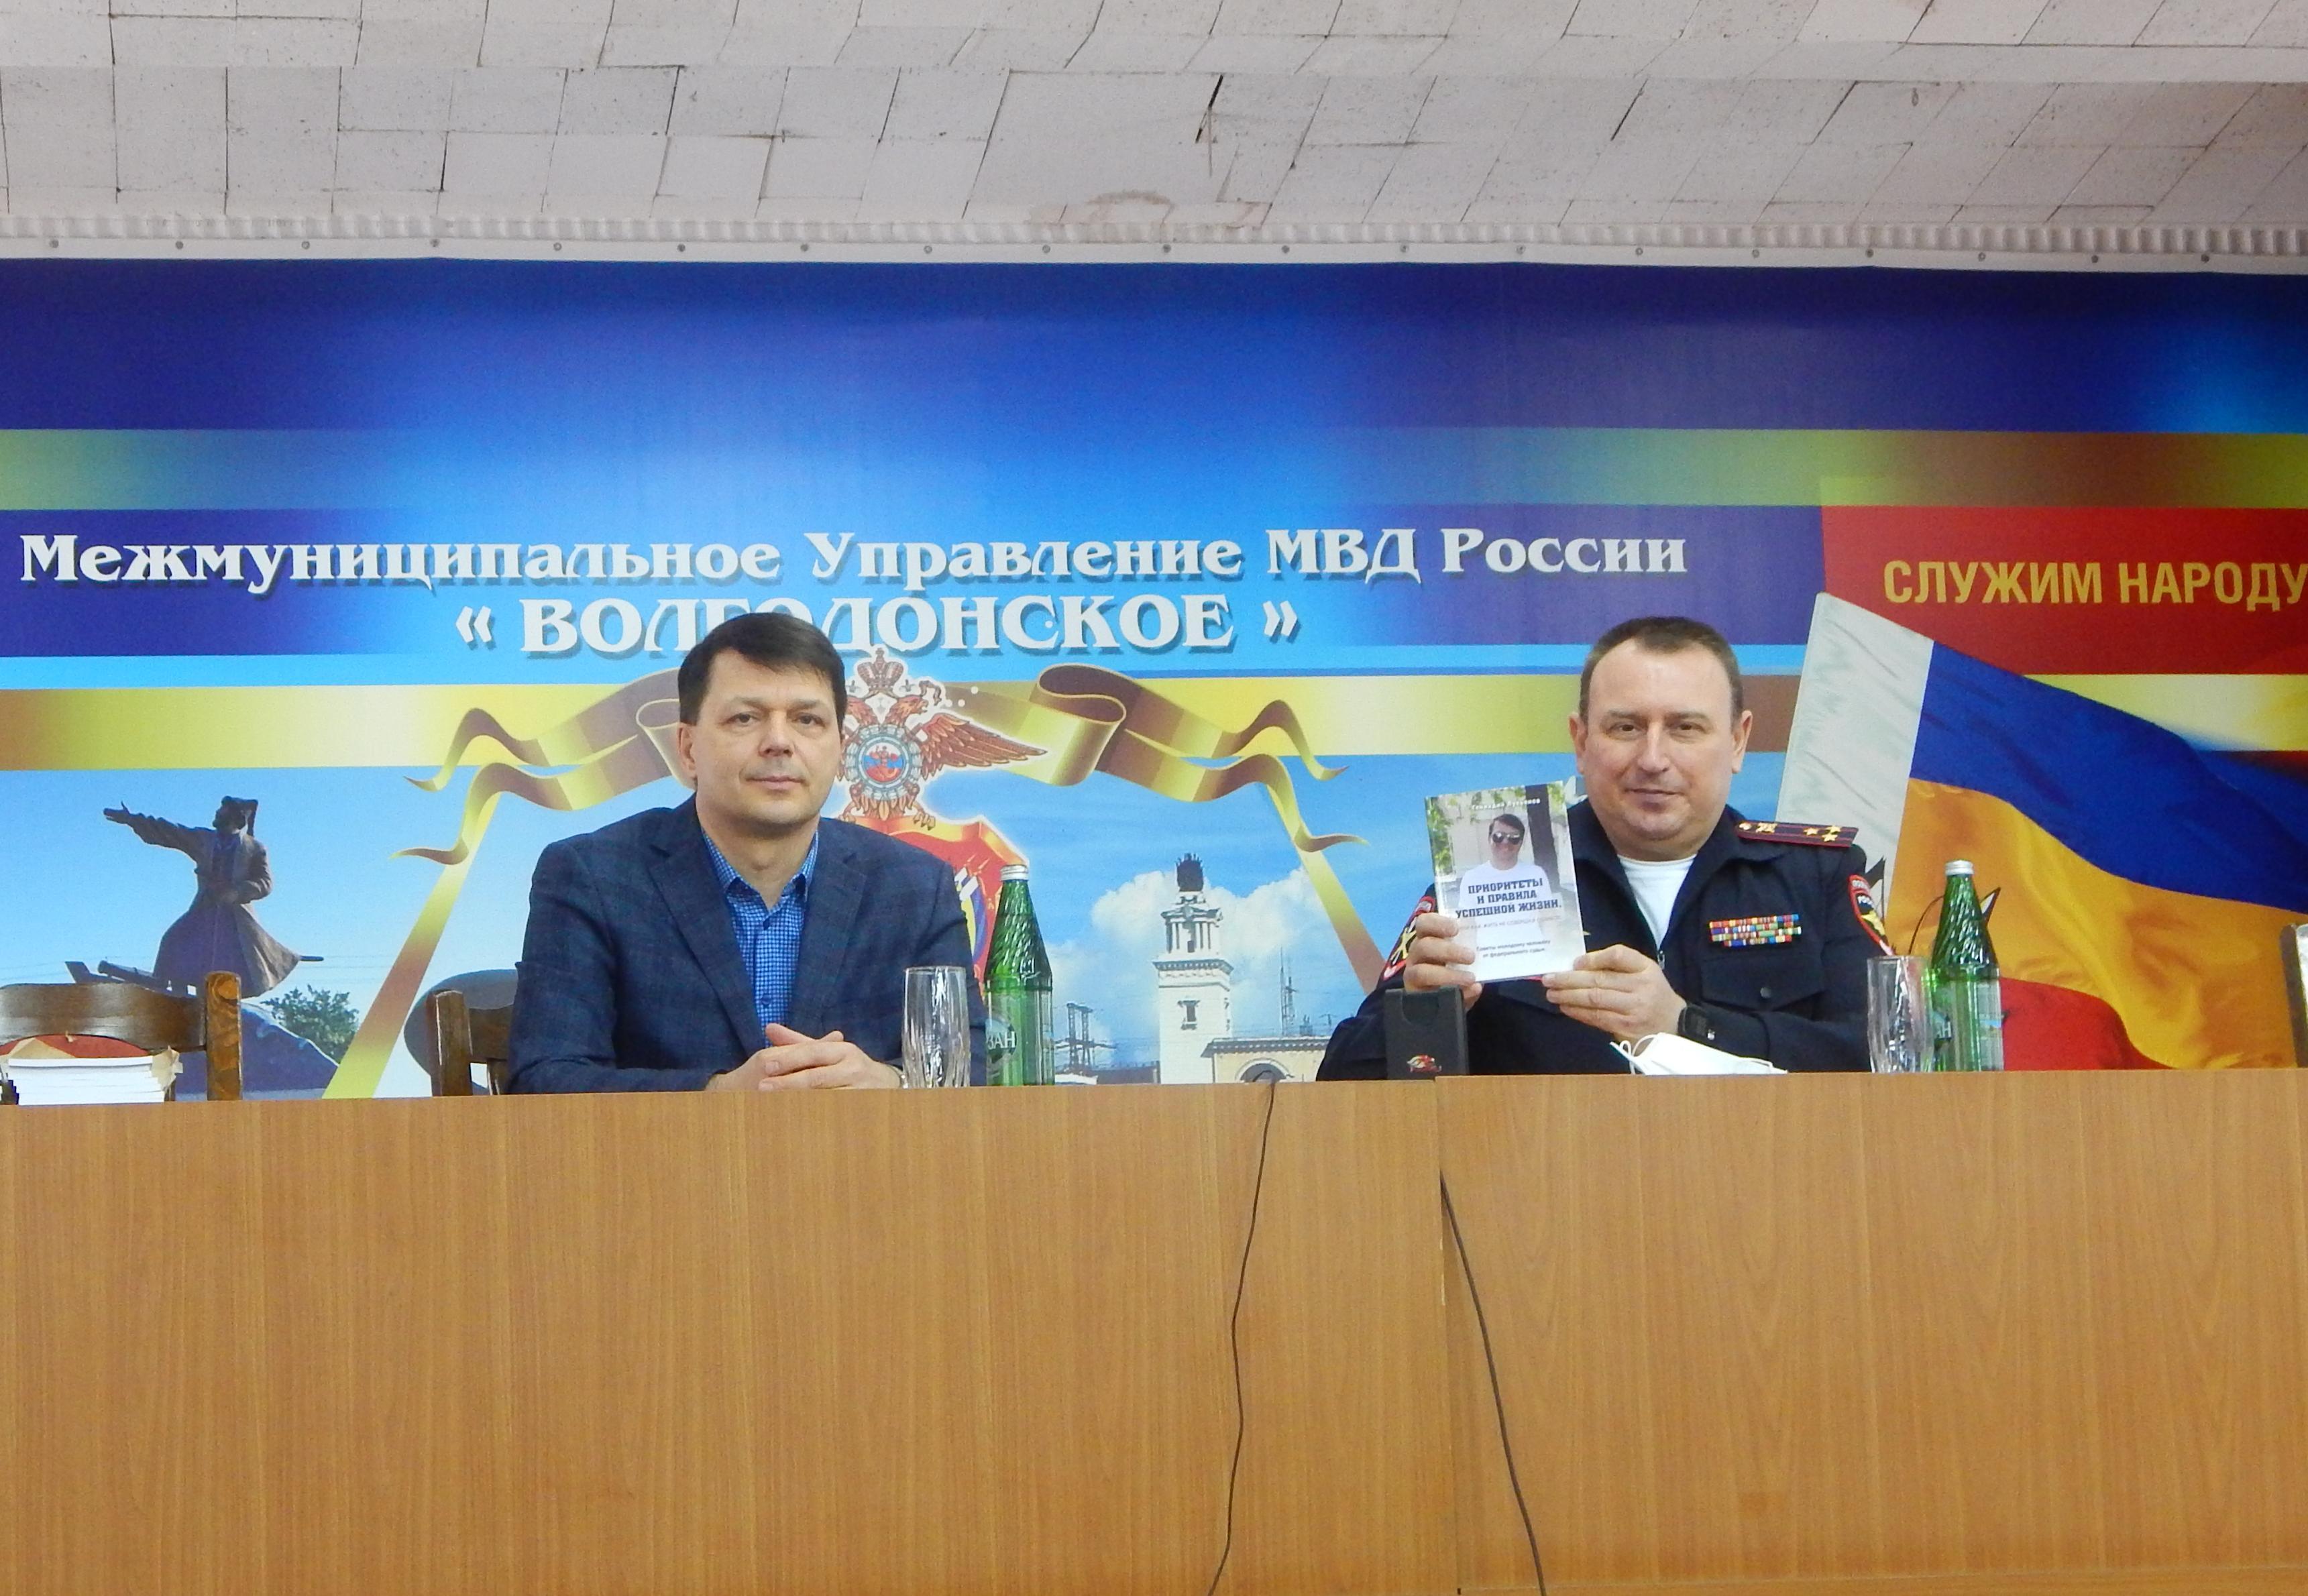 В МУ МВД России «Волгодонское» прошла презентация книги ветерана органов внутренних дел